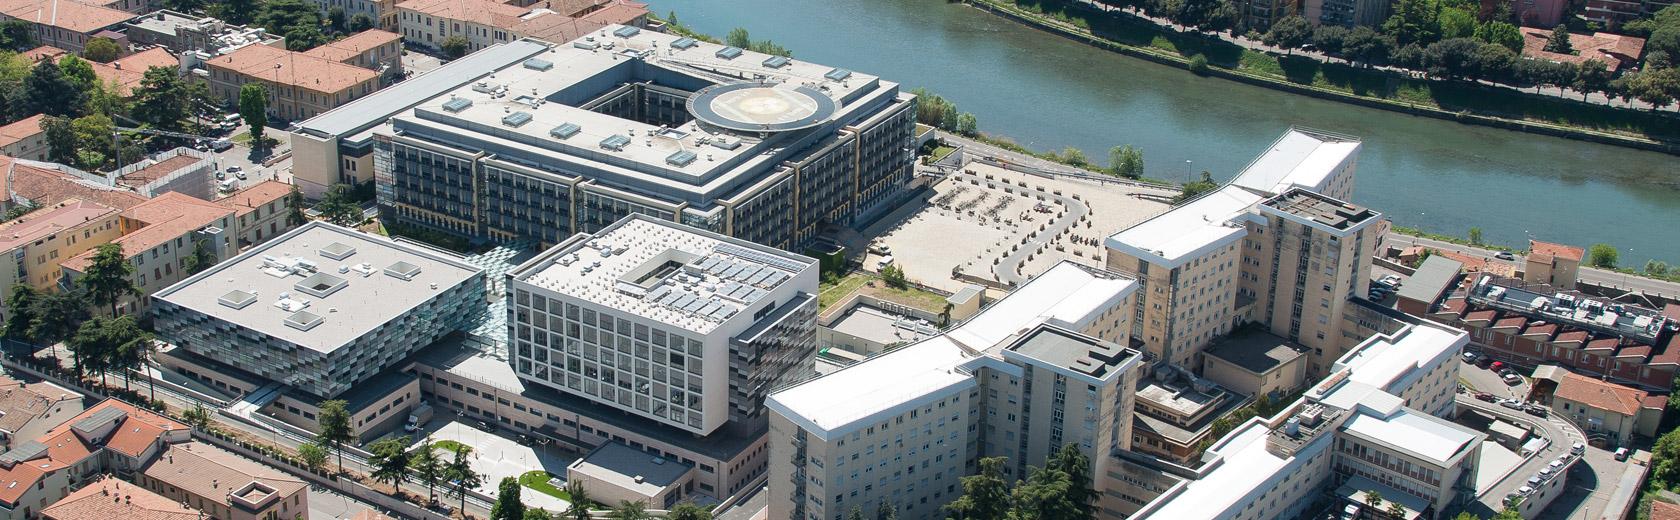 cmb-borgo-trento-borgo-roma-hospital-verona